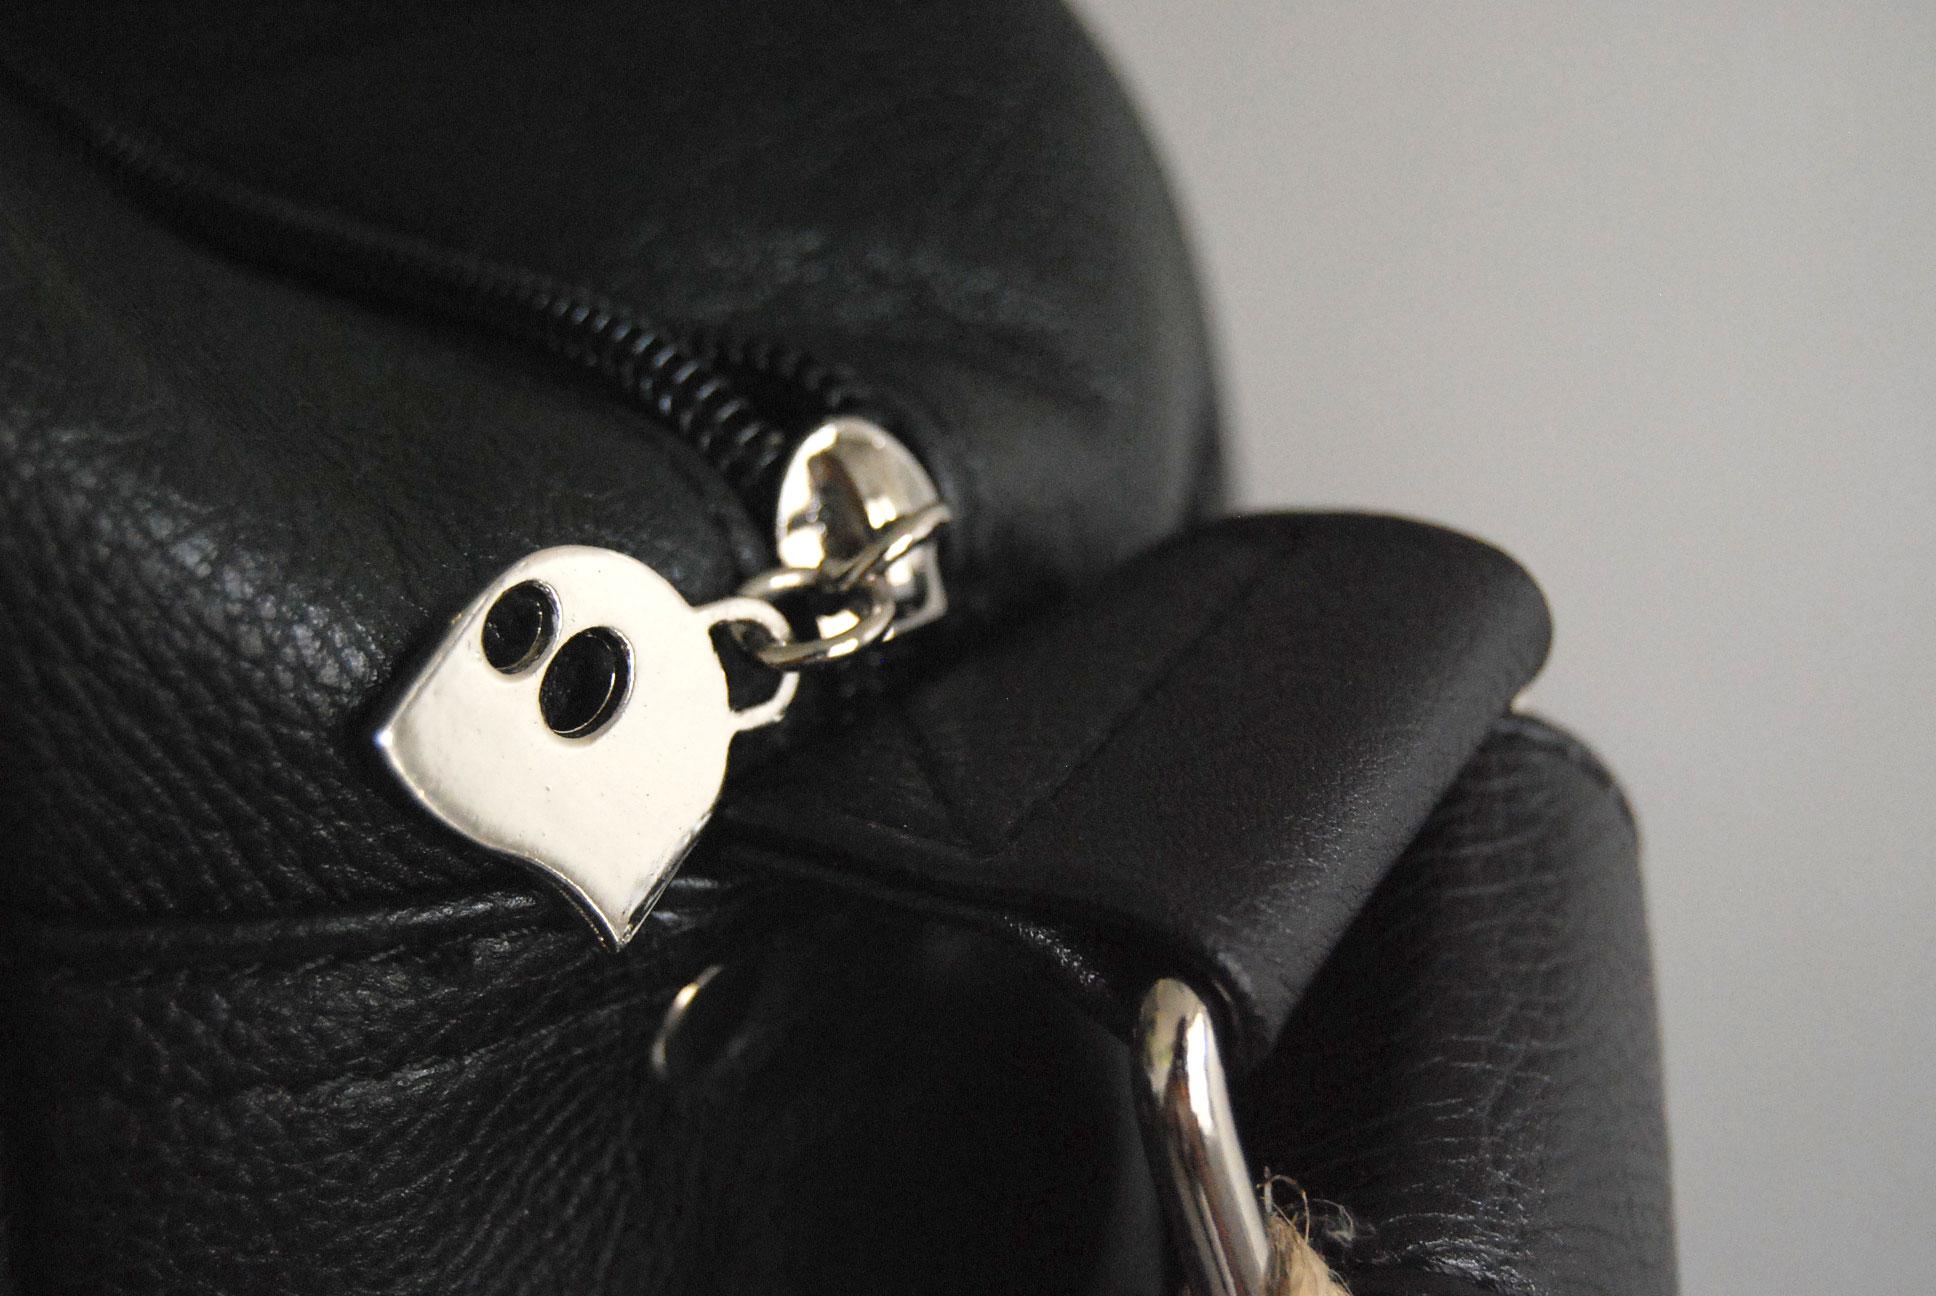 Détail de la fermeture de la sacoche Youko - Crédits photo : La Veilleuse Graphique